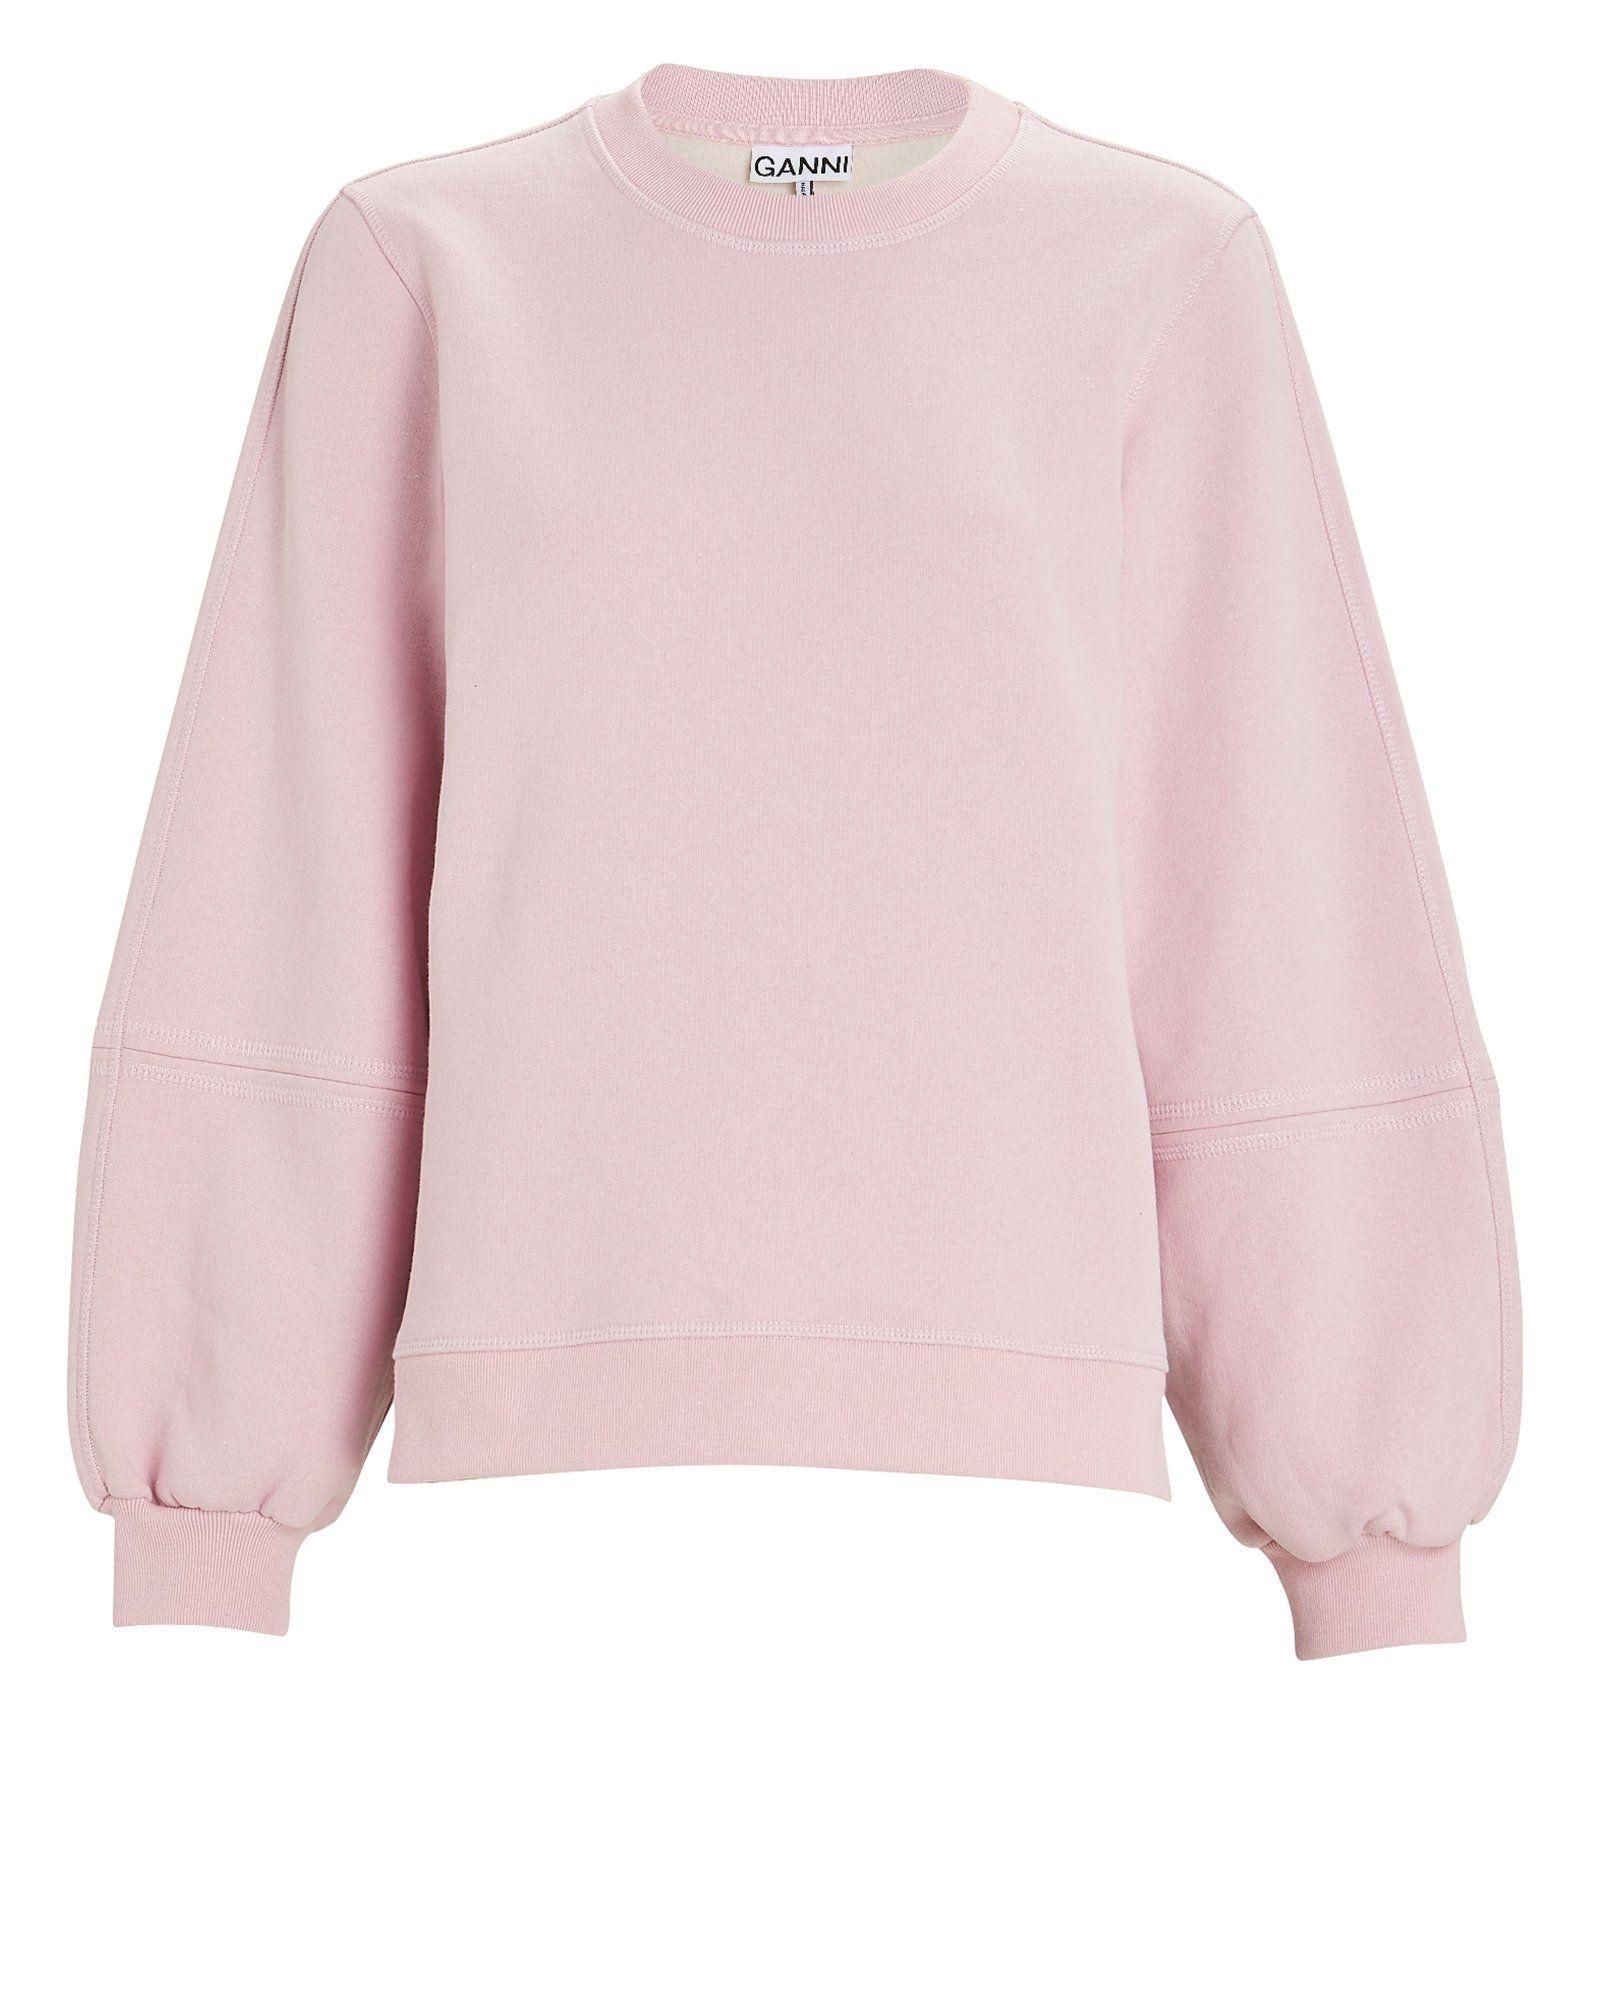 Software Isoli Crewneck Sweatshirt In 2020 Crew Neck Sweatshirt Sweatshirts Designer Sweatshirts [ 2000 x 1600 Pixel ]